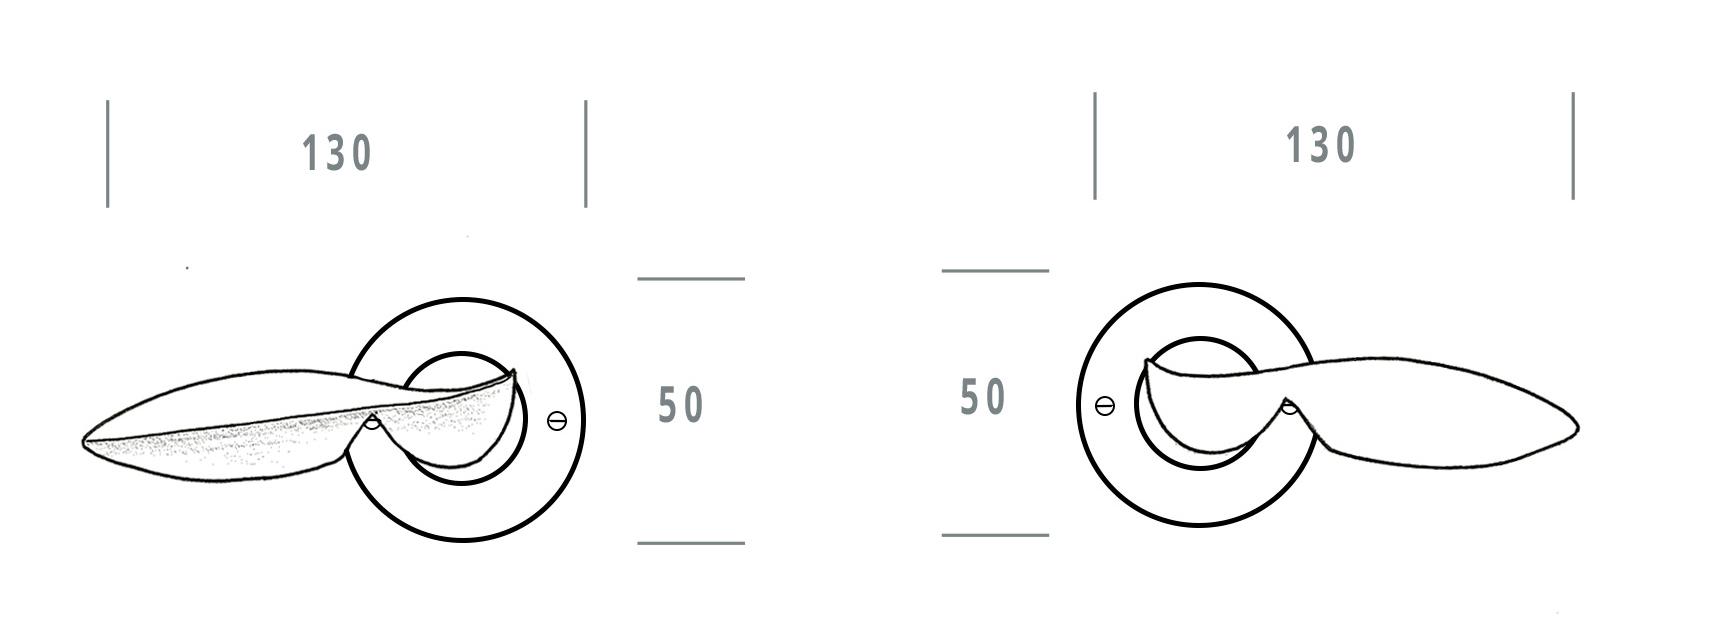 béquille chrysalide schéma